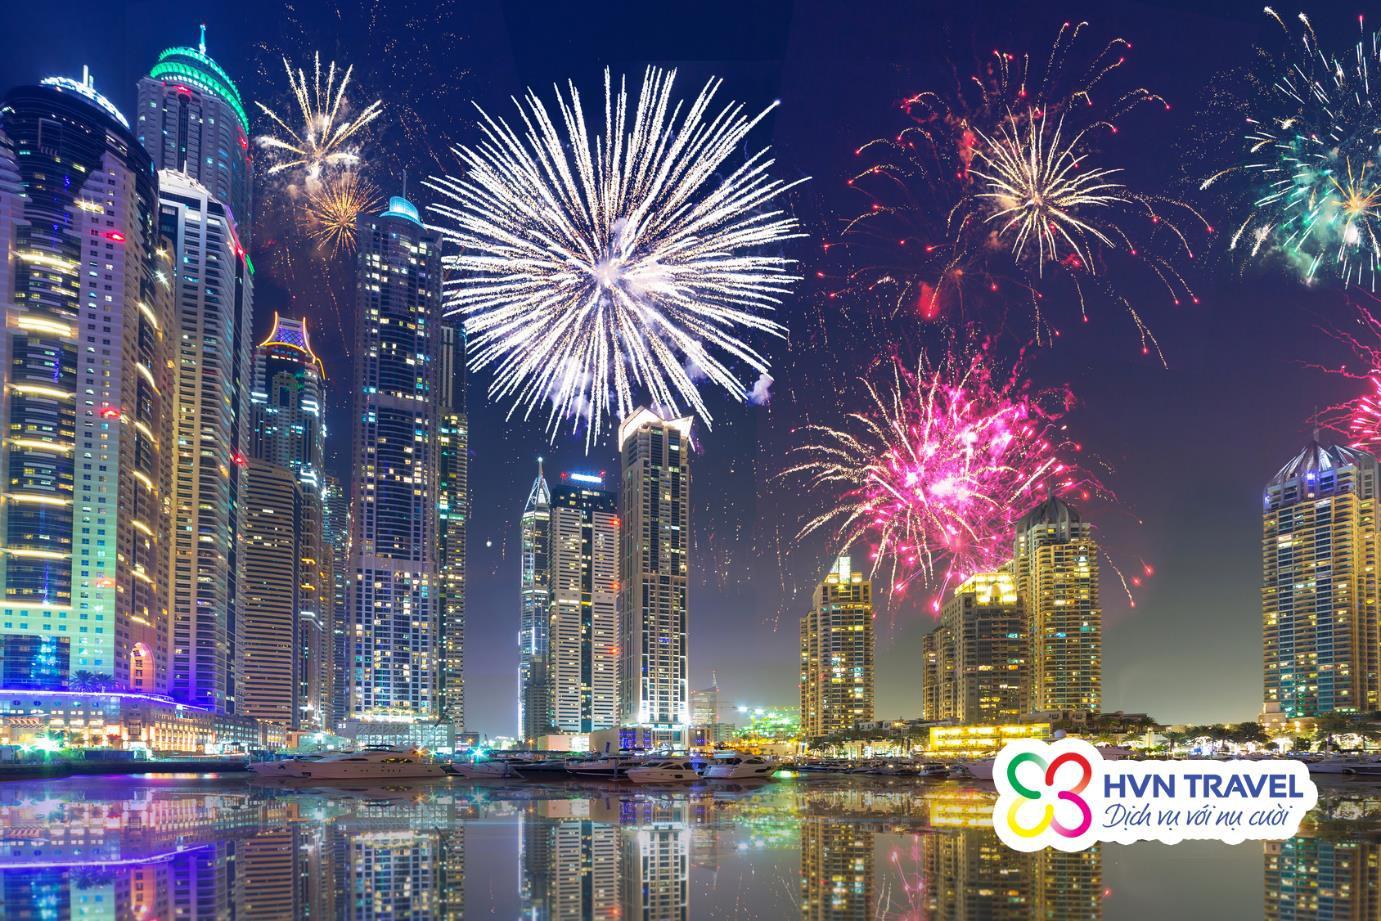 Tour du lịch Dubai Tết Dương lịch và Âm lịch trọn gói chỉ từ 27.900.000 VNĐ - Ảnh 5.